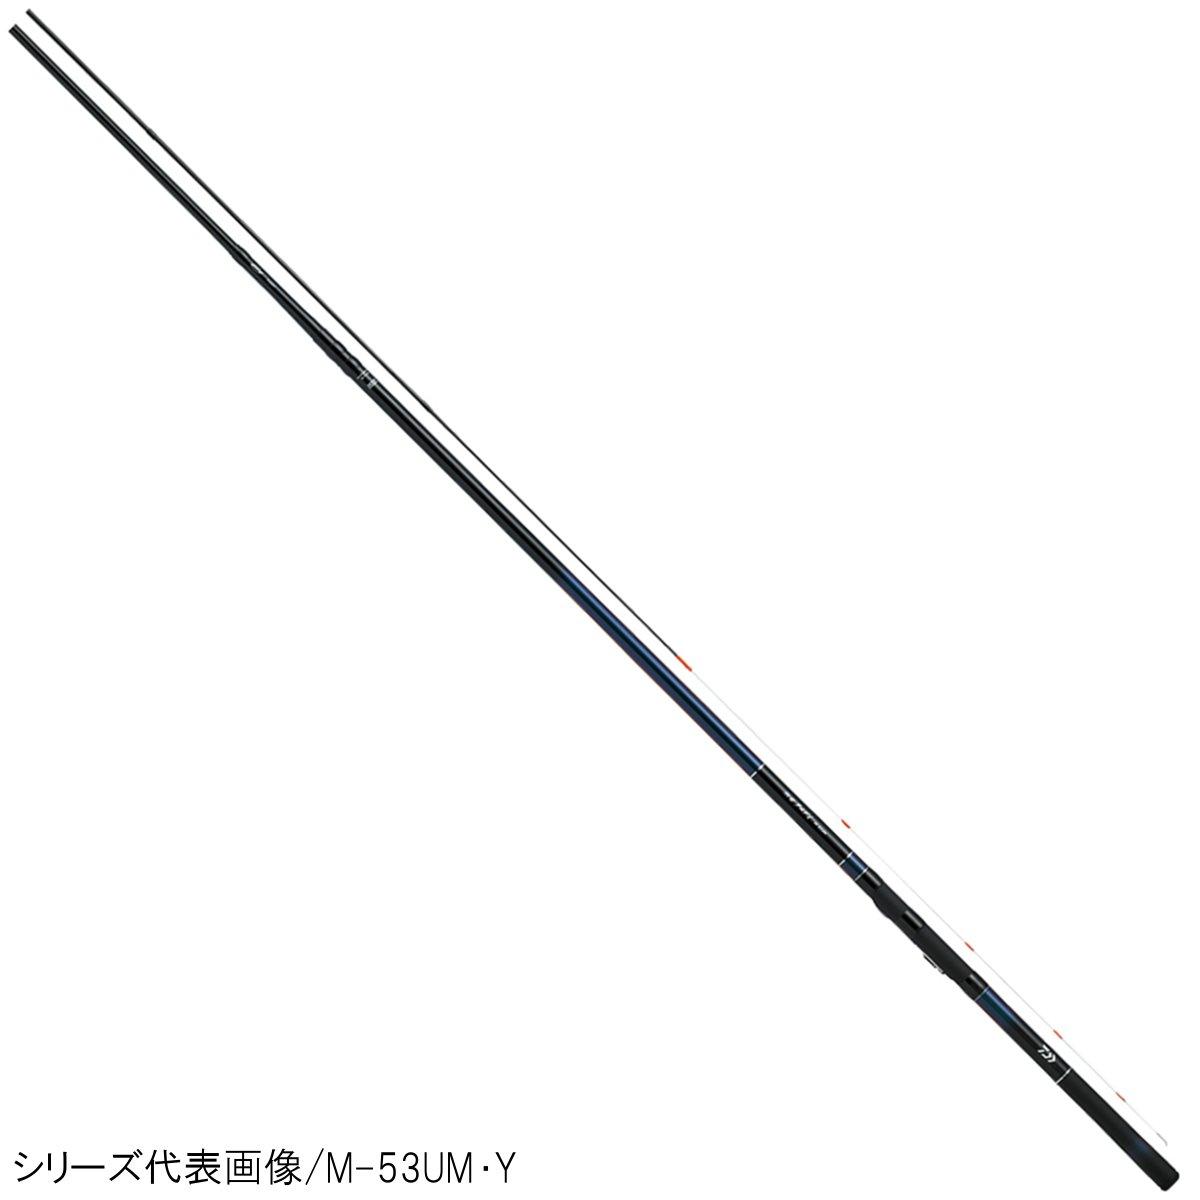 ダイワ 飛竜 クロダイ M-45UM・Y【送料無料】